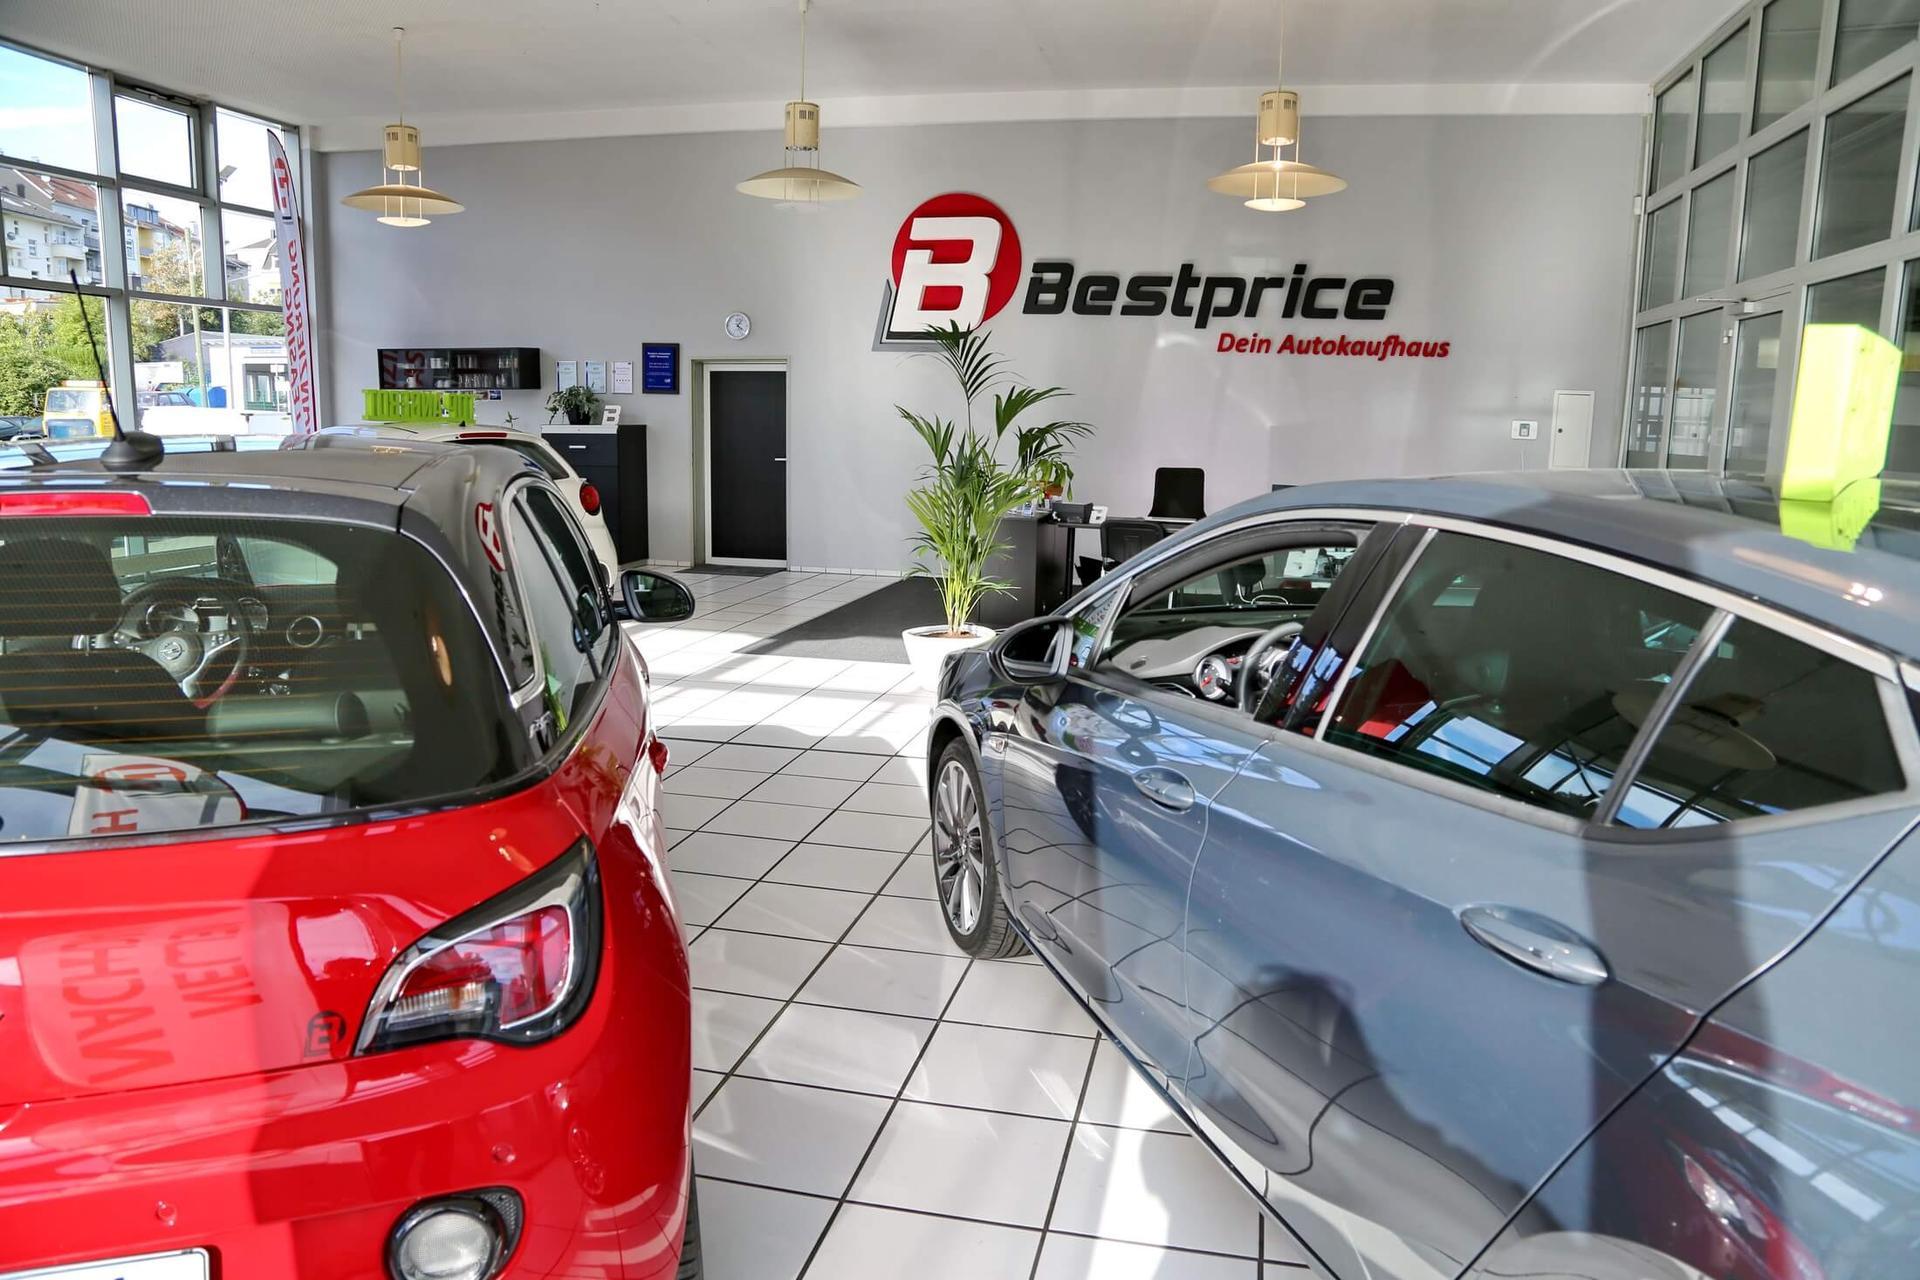 Bestprice Dein Autokaufhaus